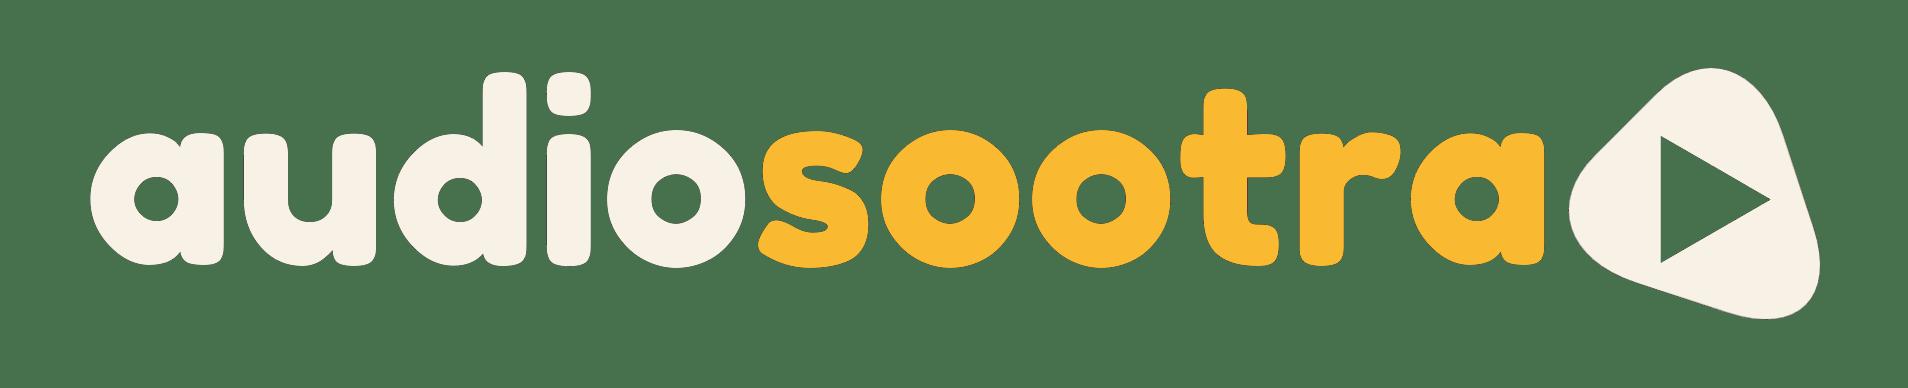 audiosootra